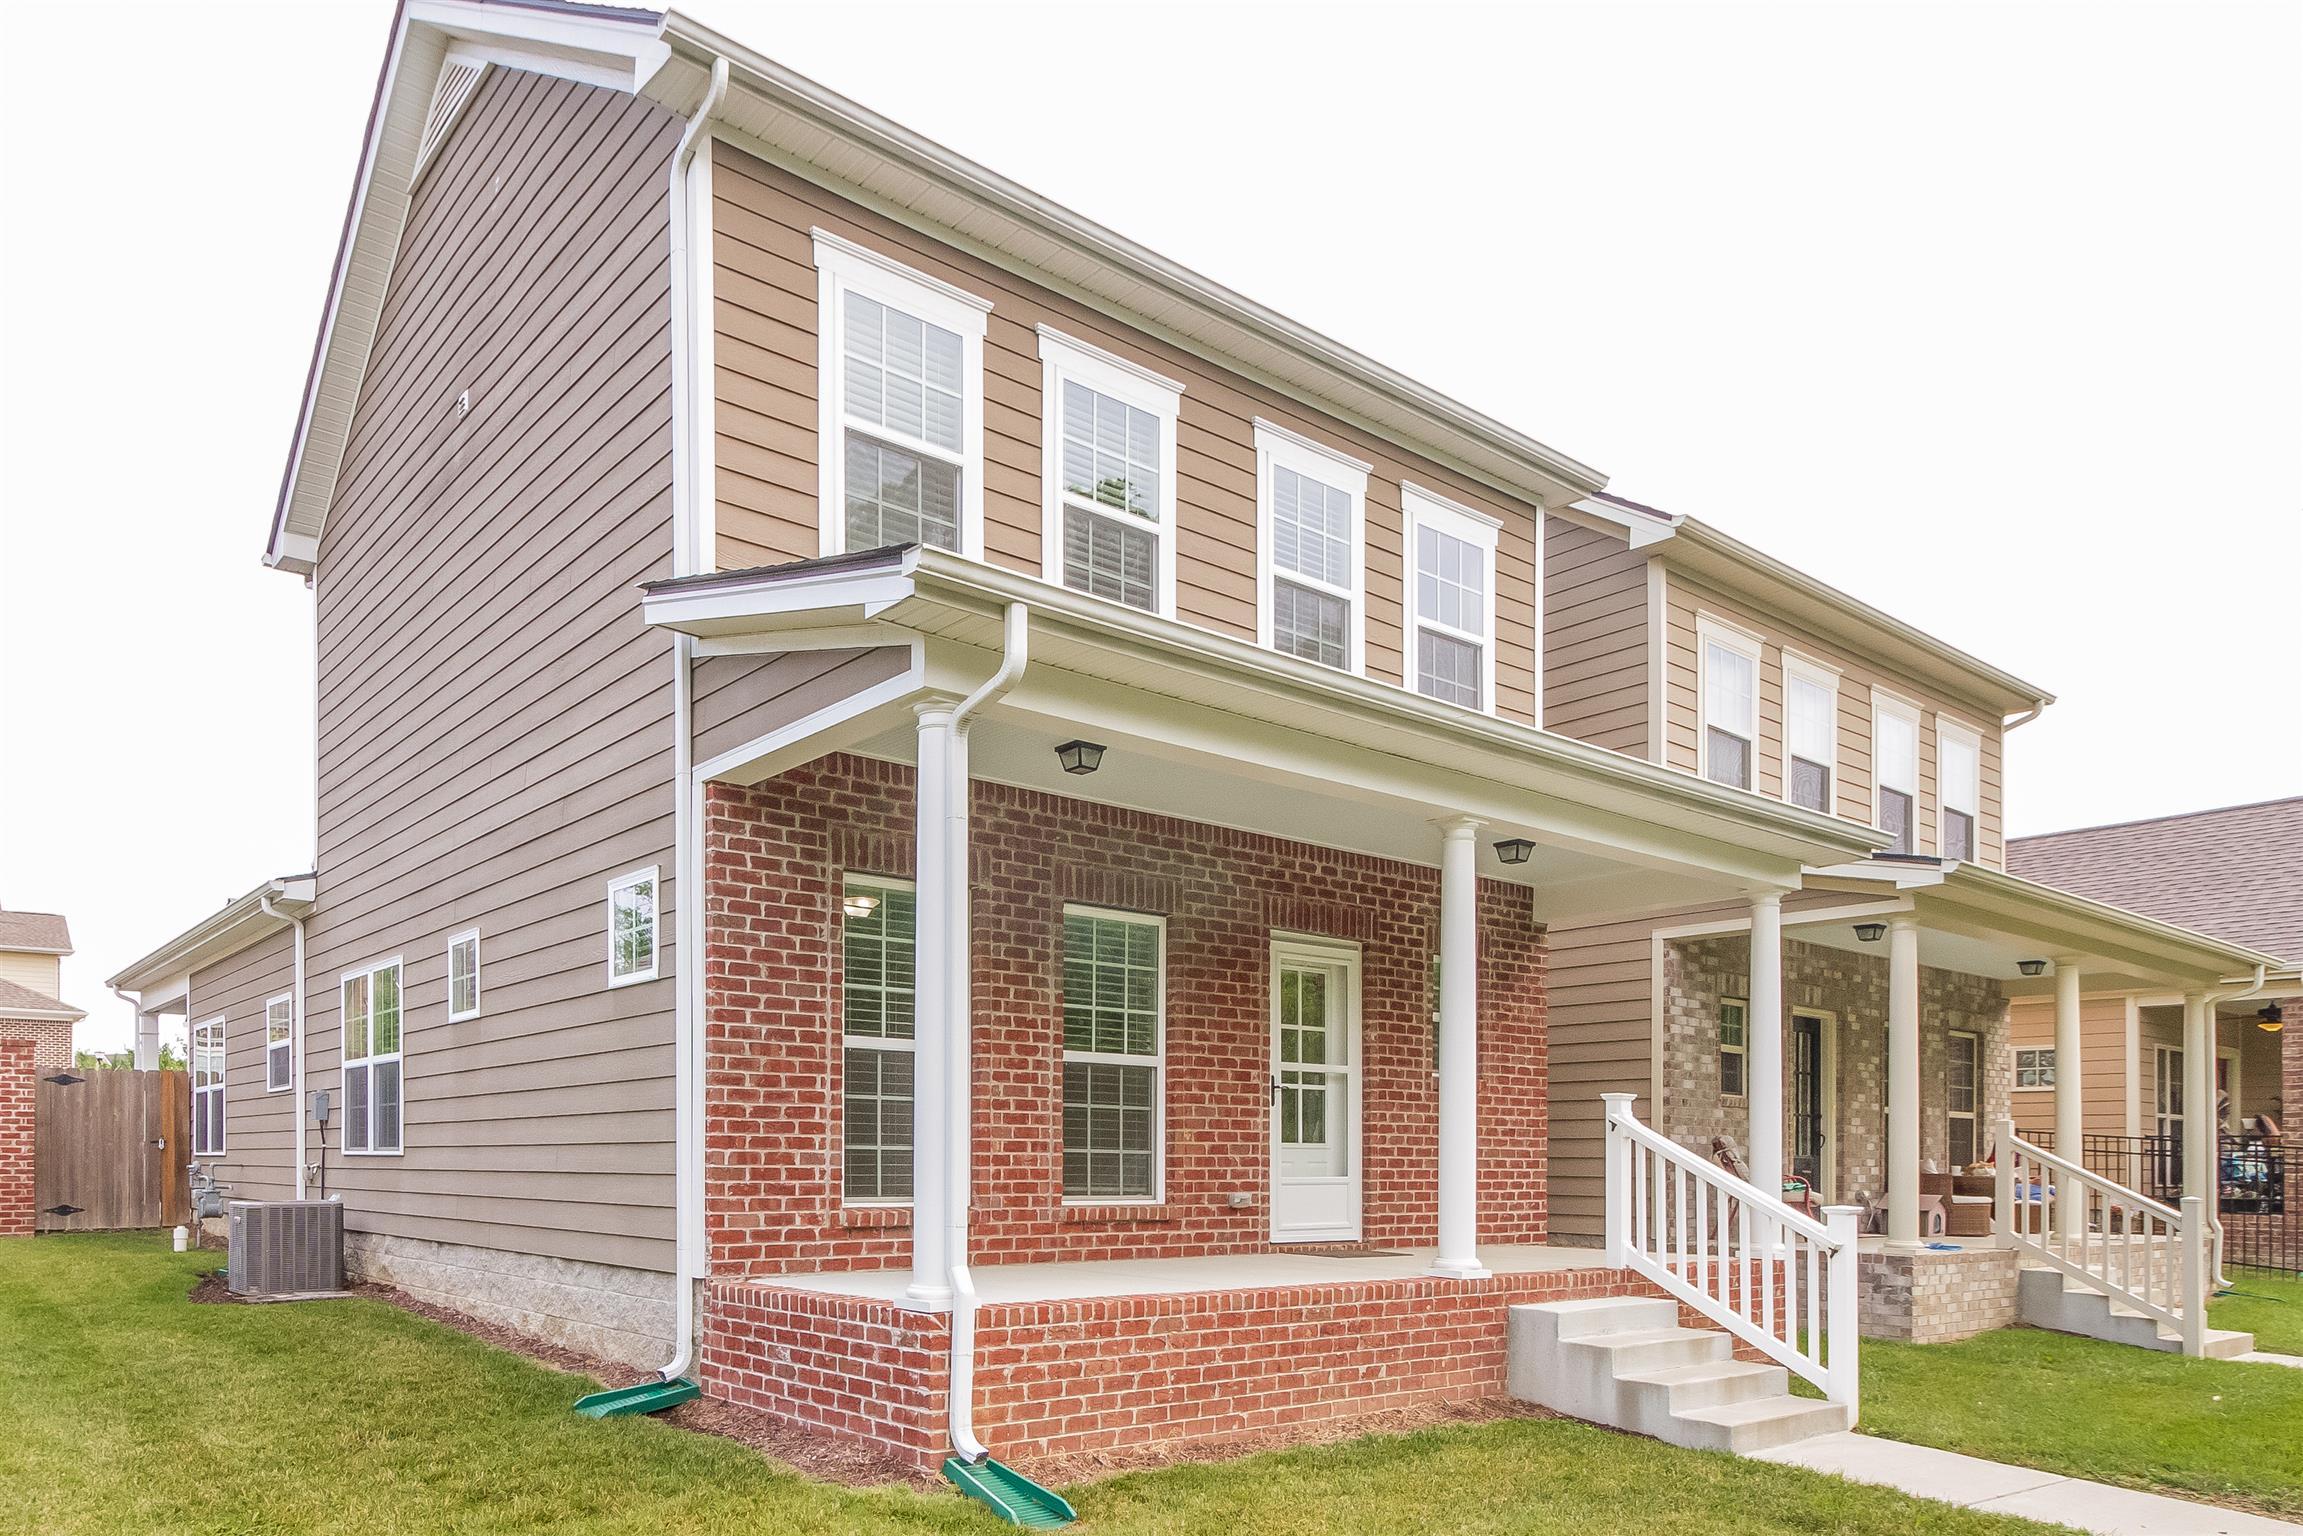 3108 Celt Aly 37135 - One of Nolensville Homes for Sale